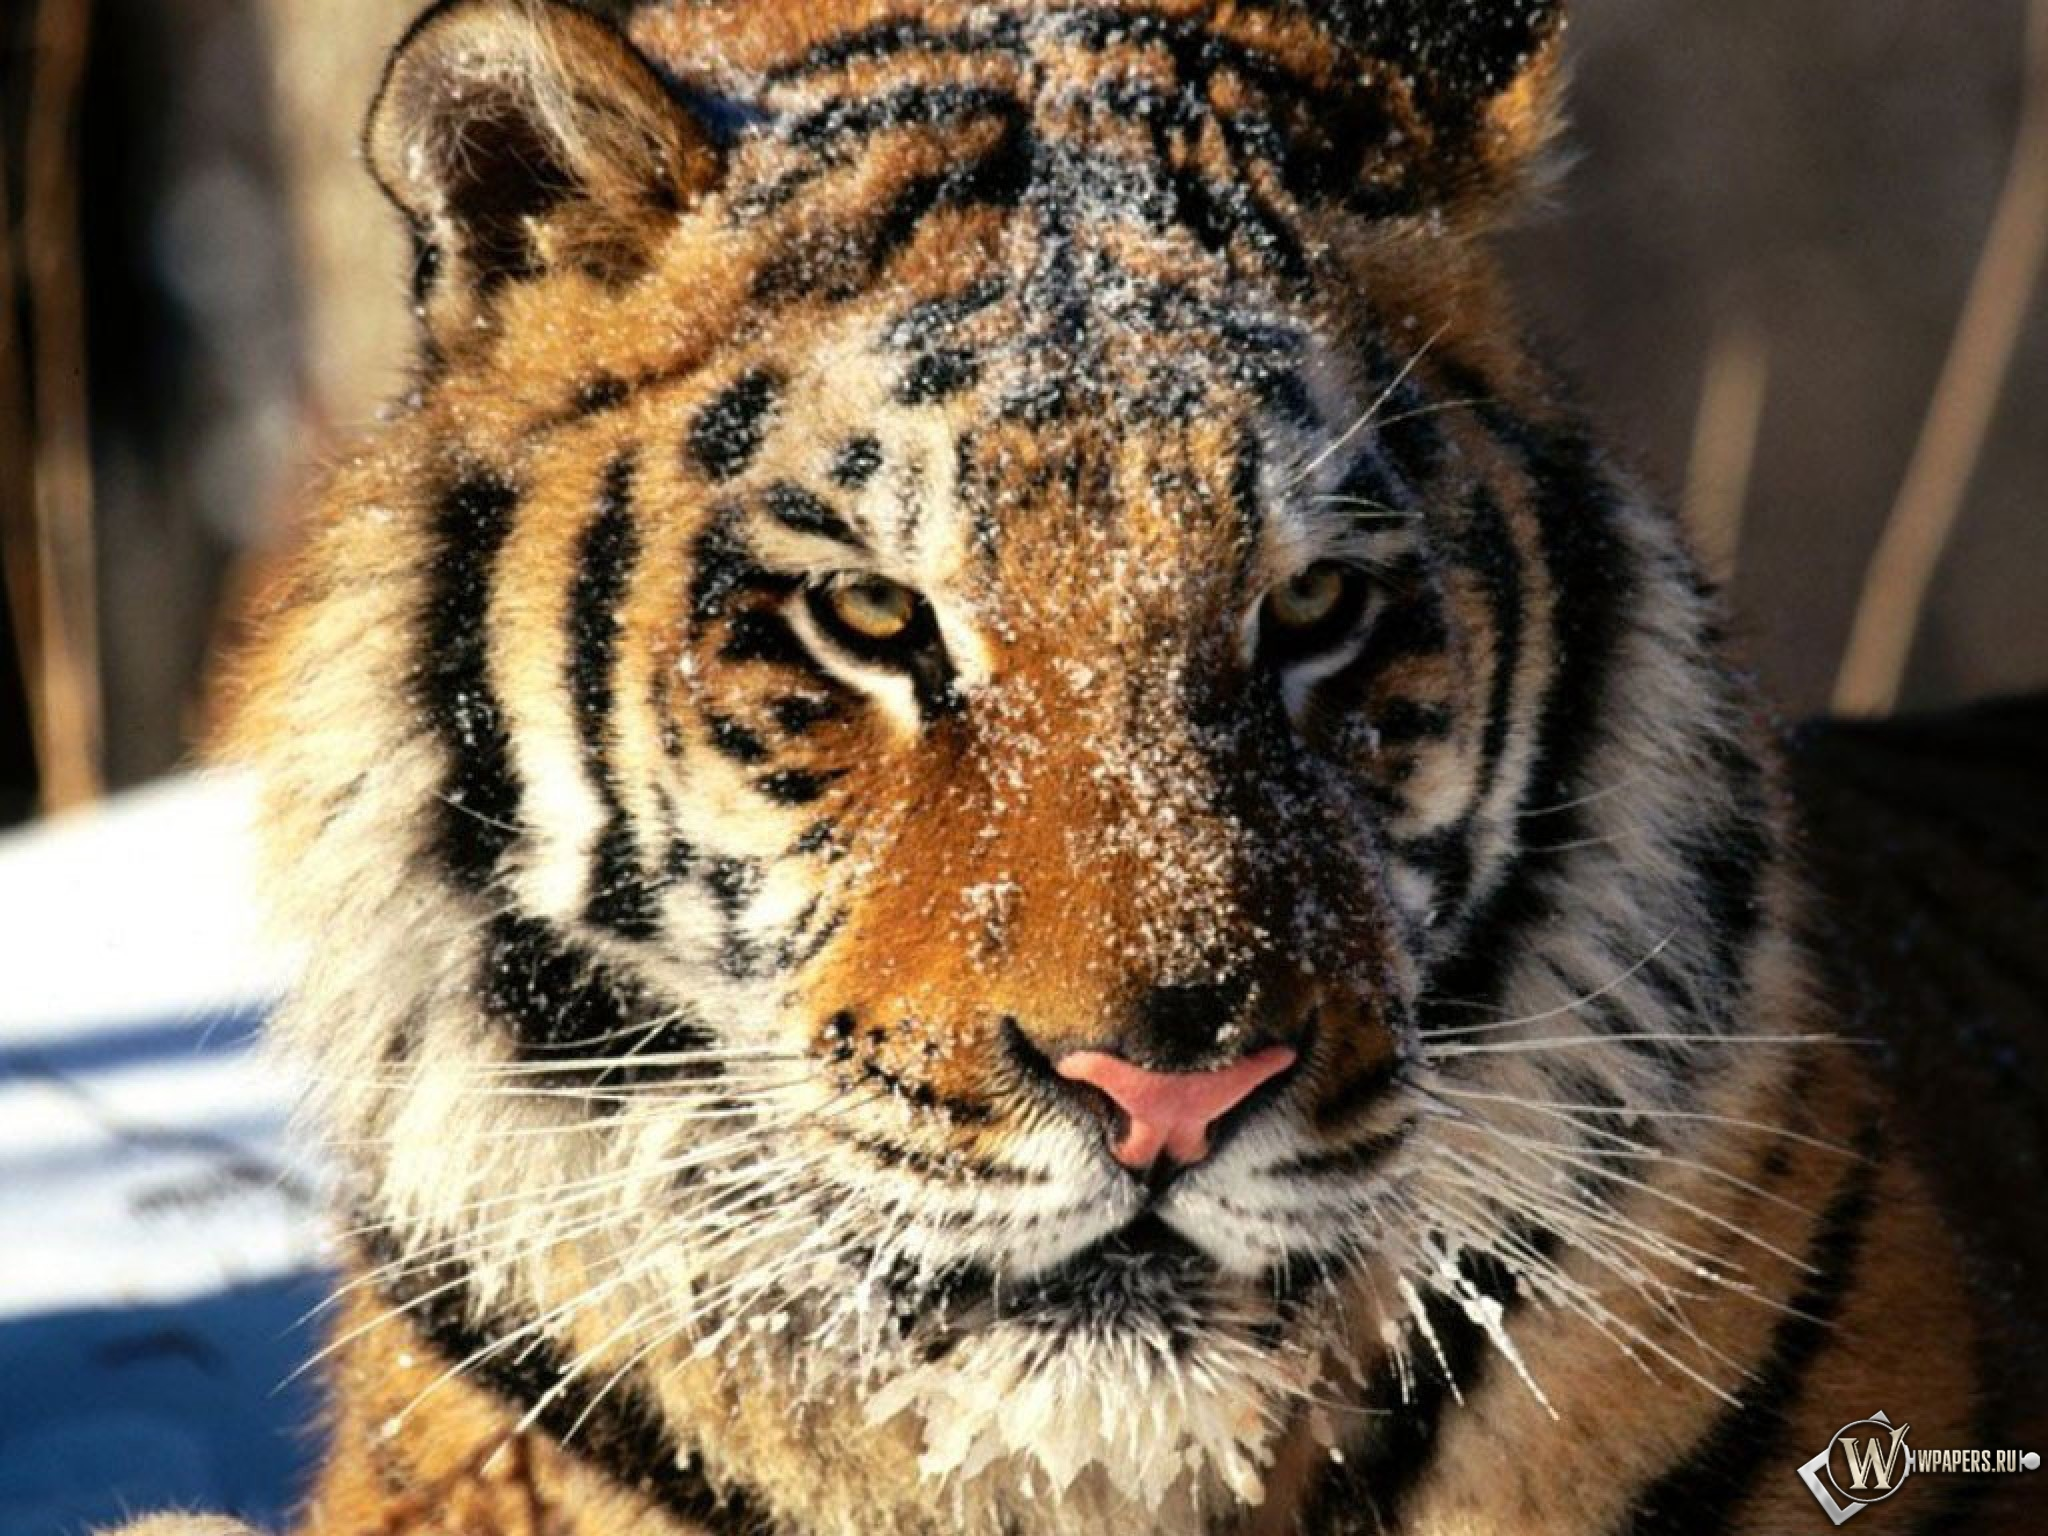 Морда тигра в снегу 2048x1536